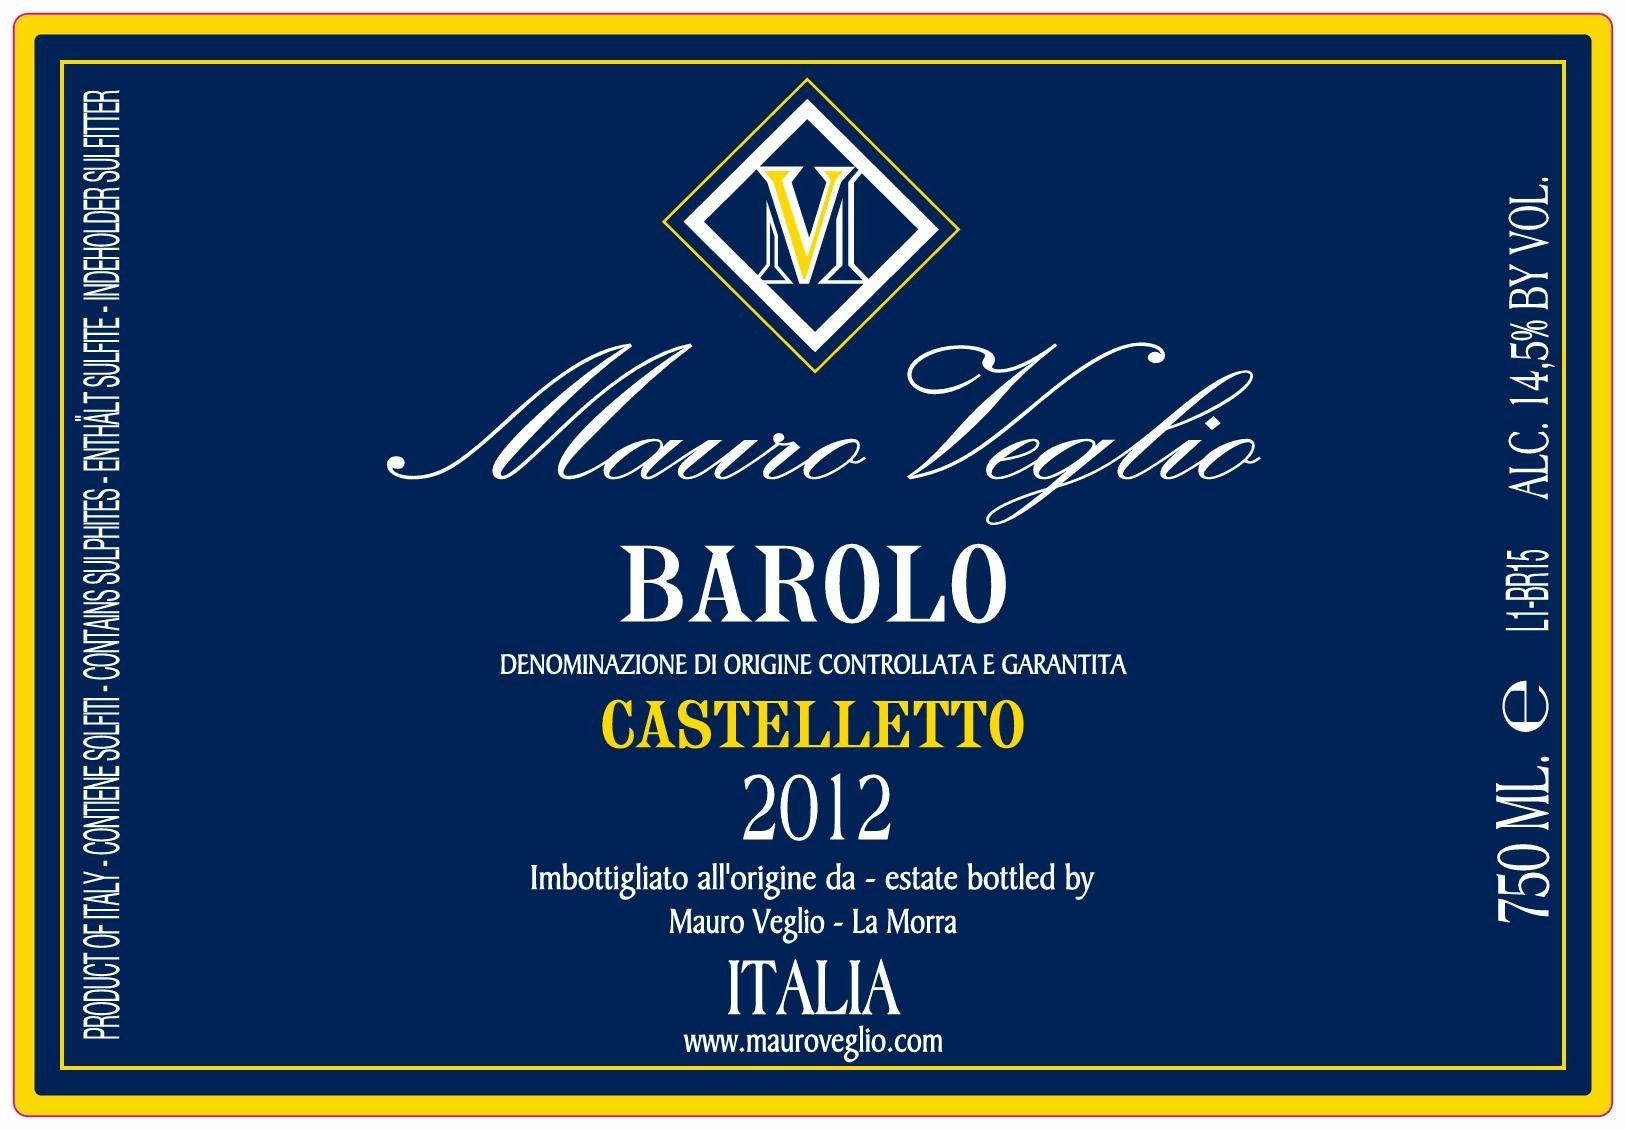 Mauro Veglio Barolo Castelletto 2012